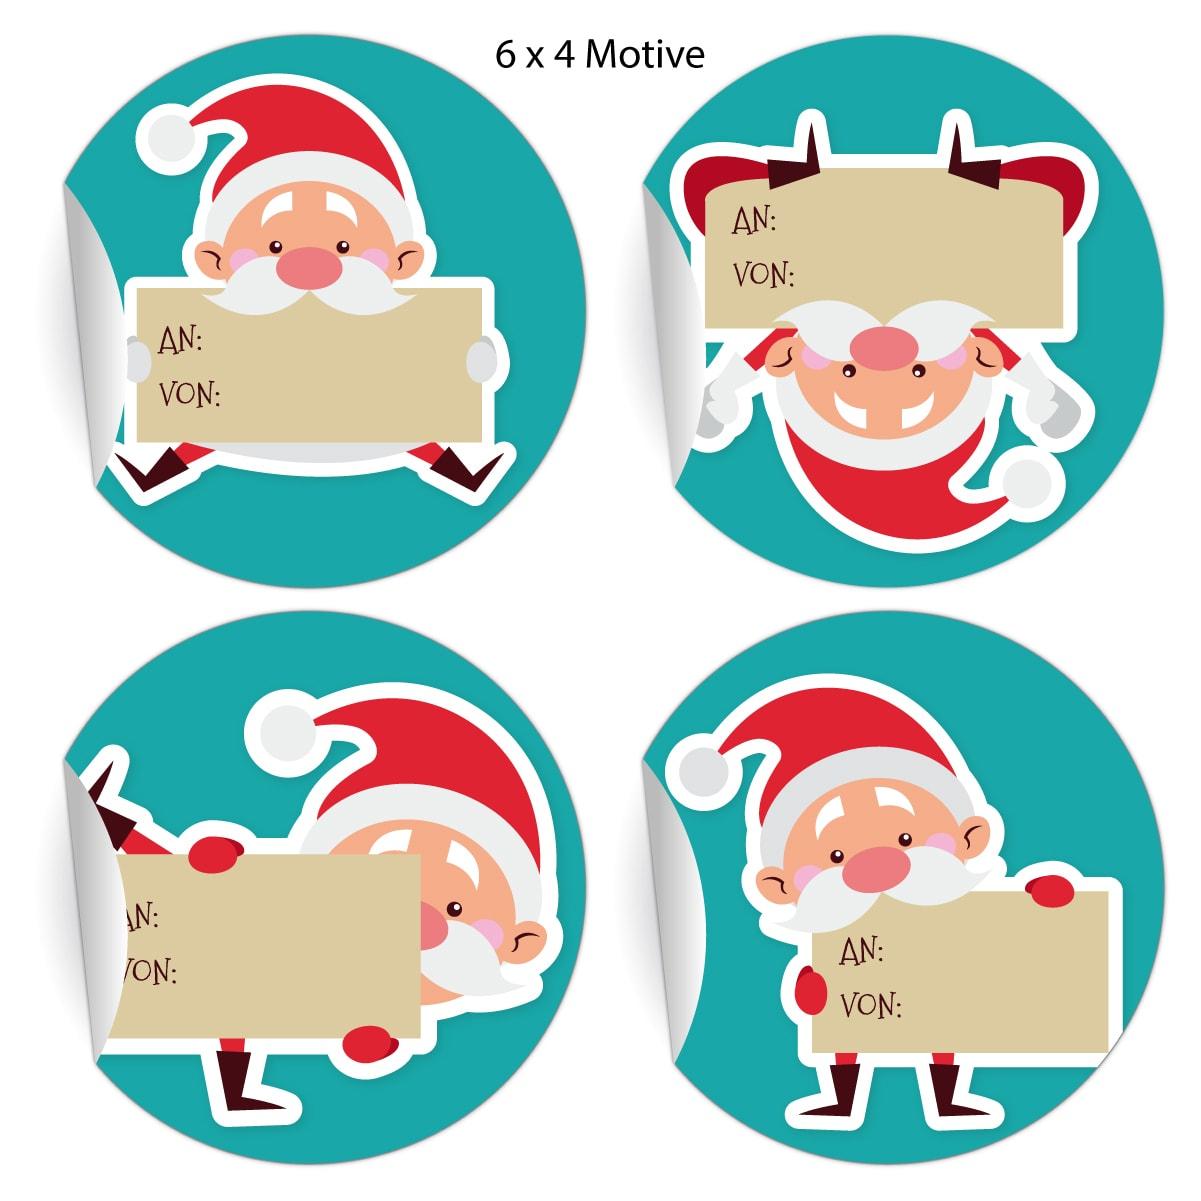 24 Super Lustige Aufkleber Zu Weihnachten Mit Comic Weihnachtsmann Zum  Beschriften: An Von, Blau Grün, Matte Papieraufkleber Auch (Ø 45Mm; 4  Motive) in Comic Weihnachtsmann